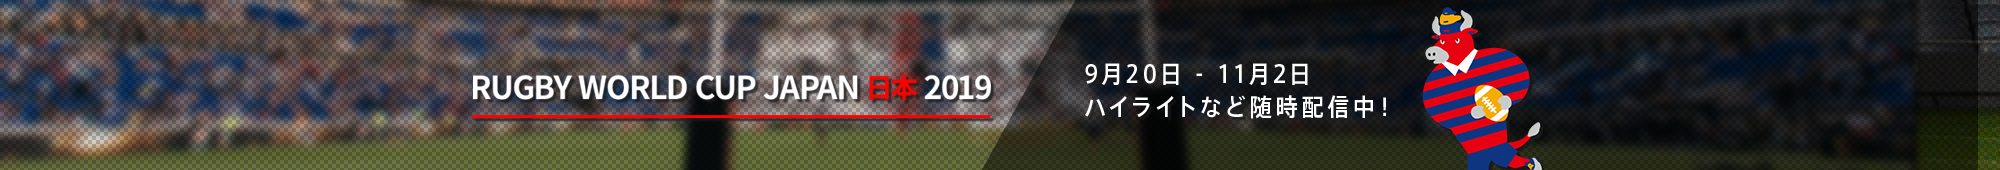 ラグビーワールドカップ初出場を目指す香港代表が、第二関門を突破した。 アジア最終予選で1位となり、クック諸島代表とのアジア・オセアニア地区プレーオフ第1戦を適地で制すと、7月7日に…